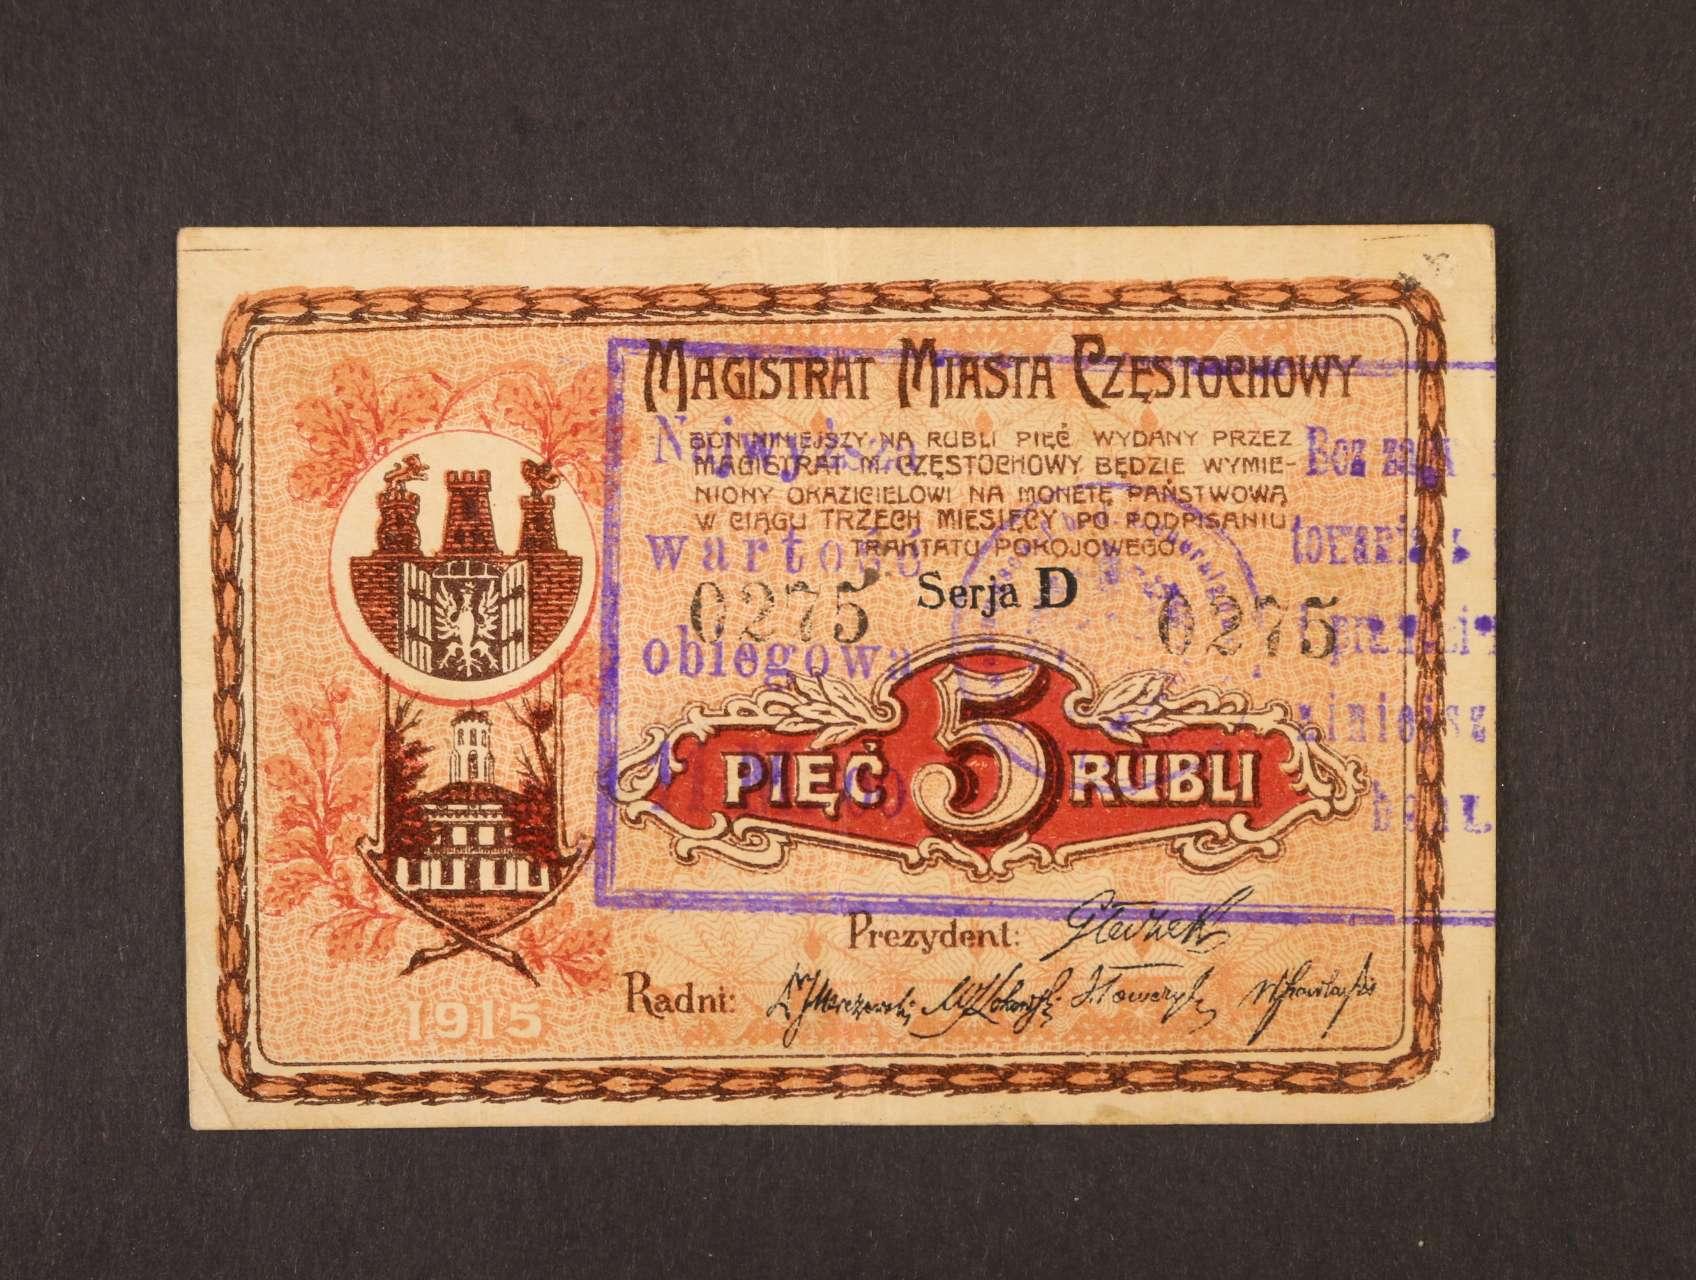 Czestochow, 11 Marek / 5 Rubli 1915 série D Magistrat, Rj. R-27471